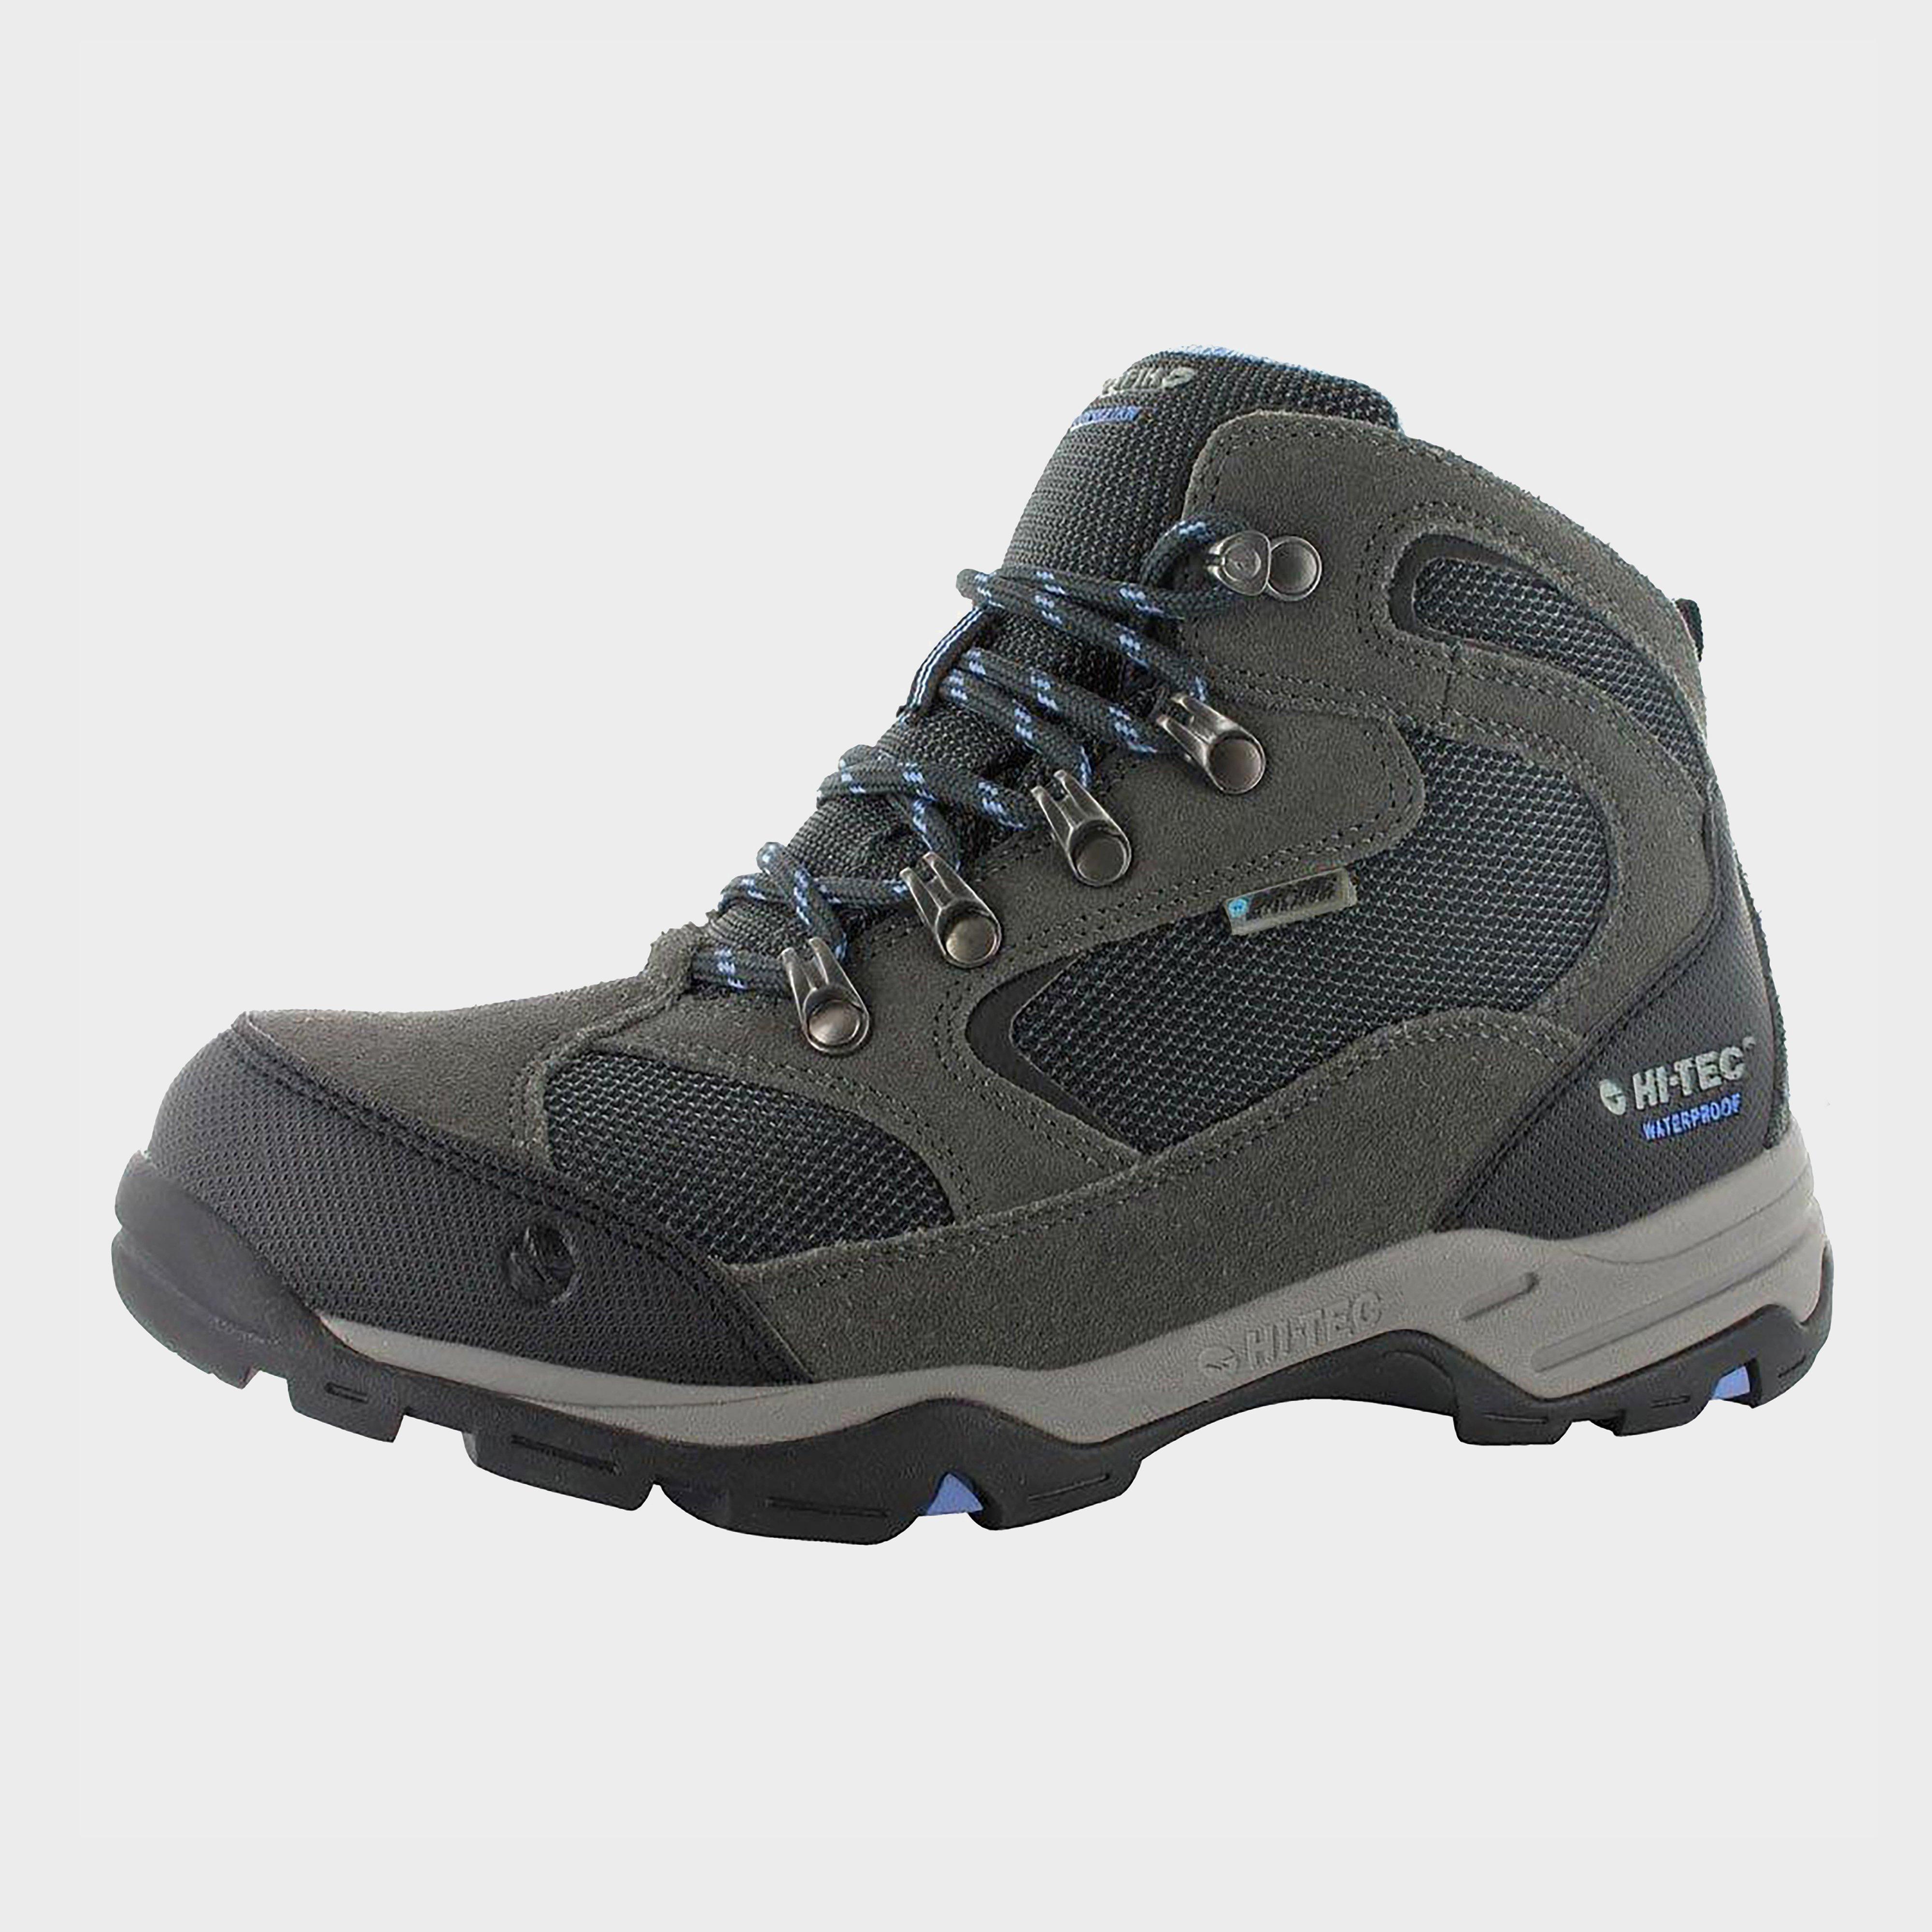 Hi Tec Women's Storm Waterproof Walking Boots - Grey, Grey